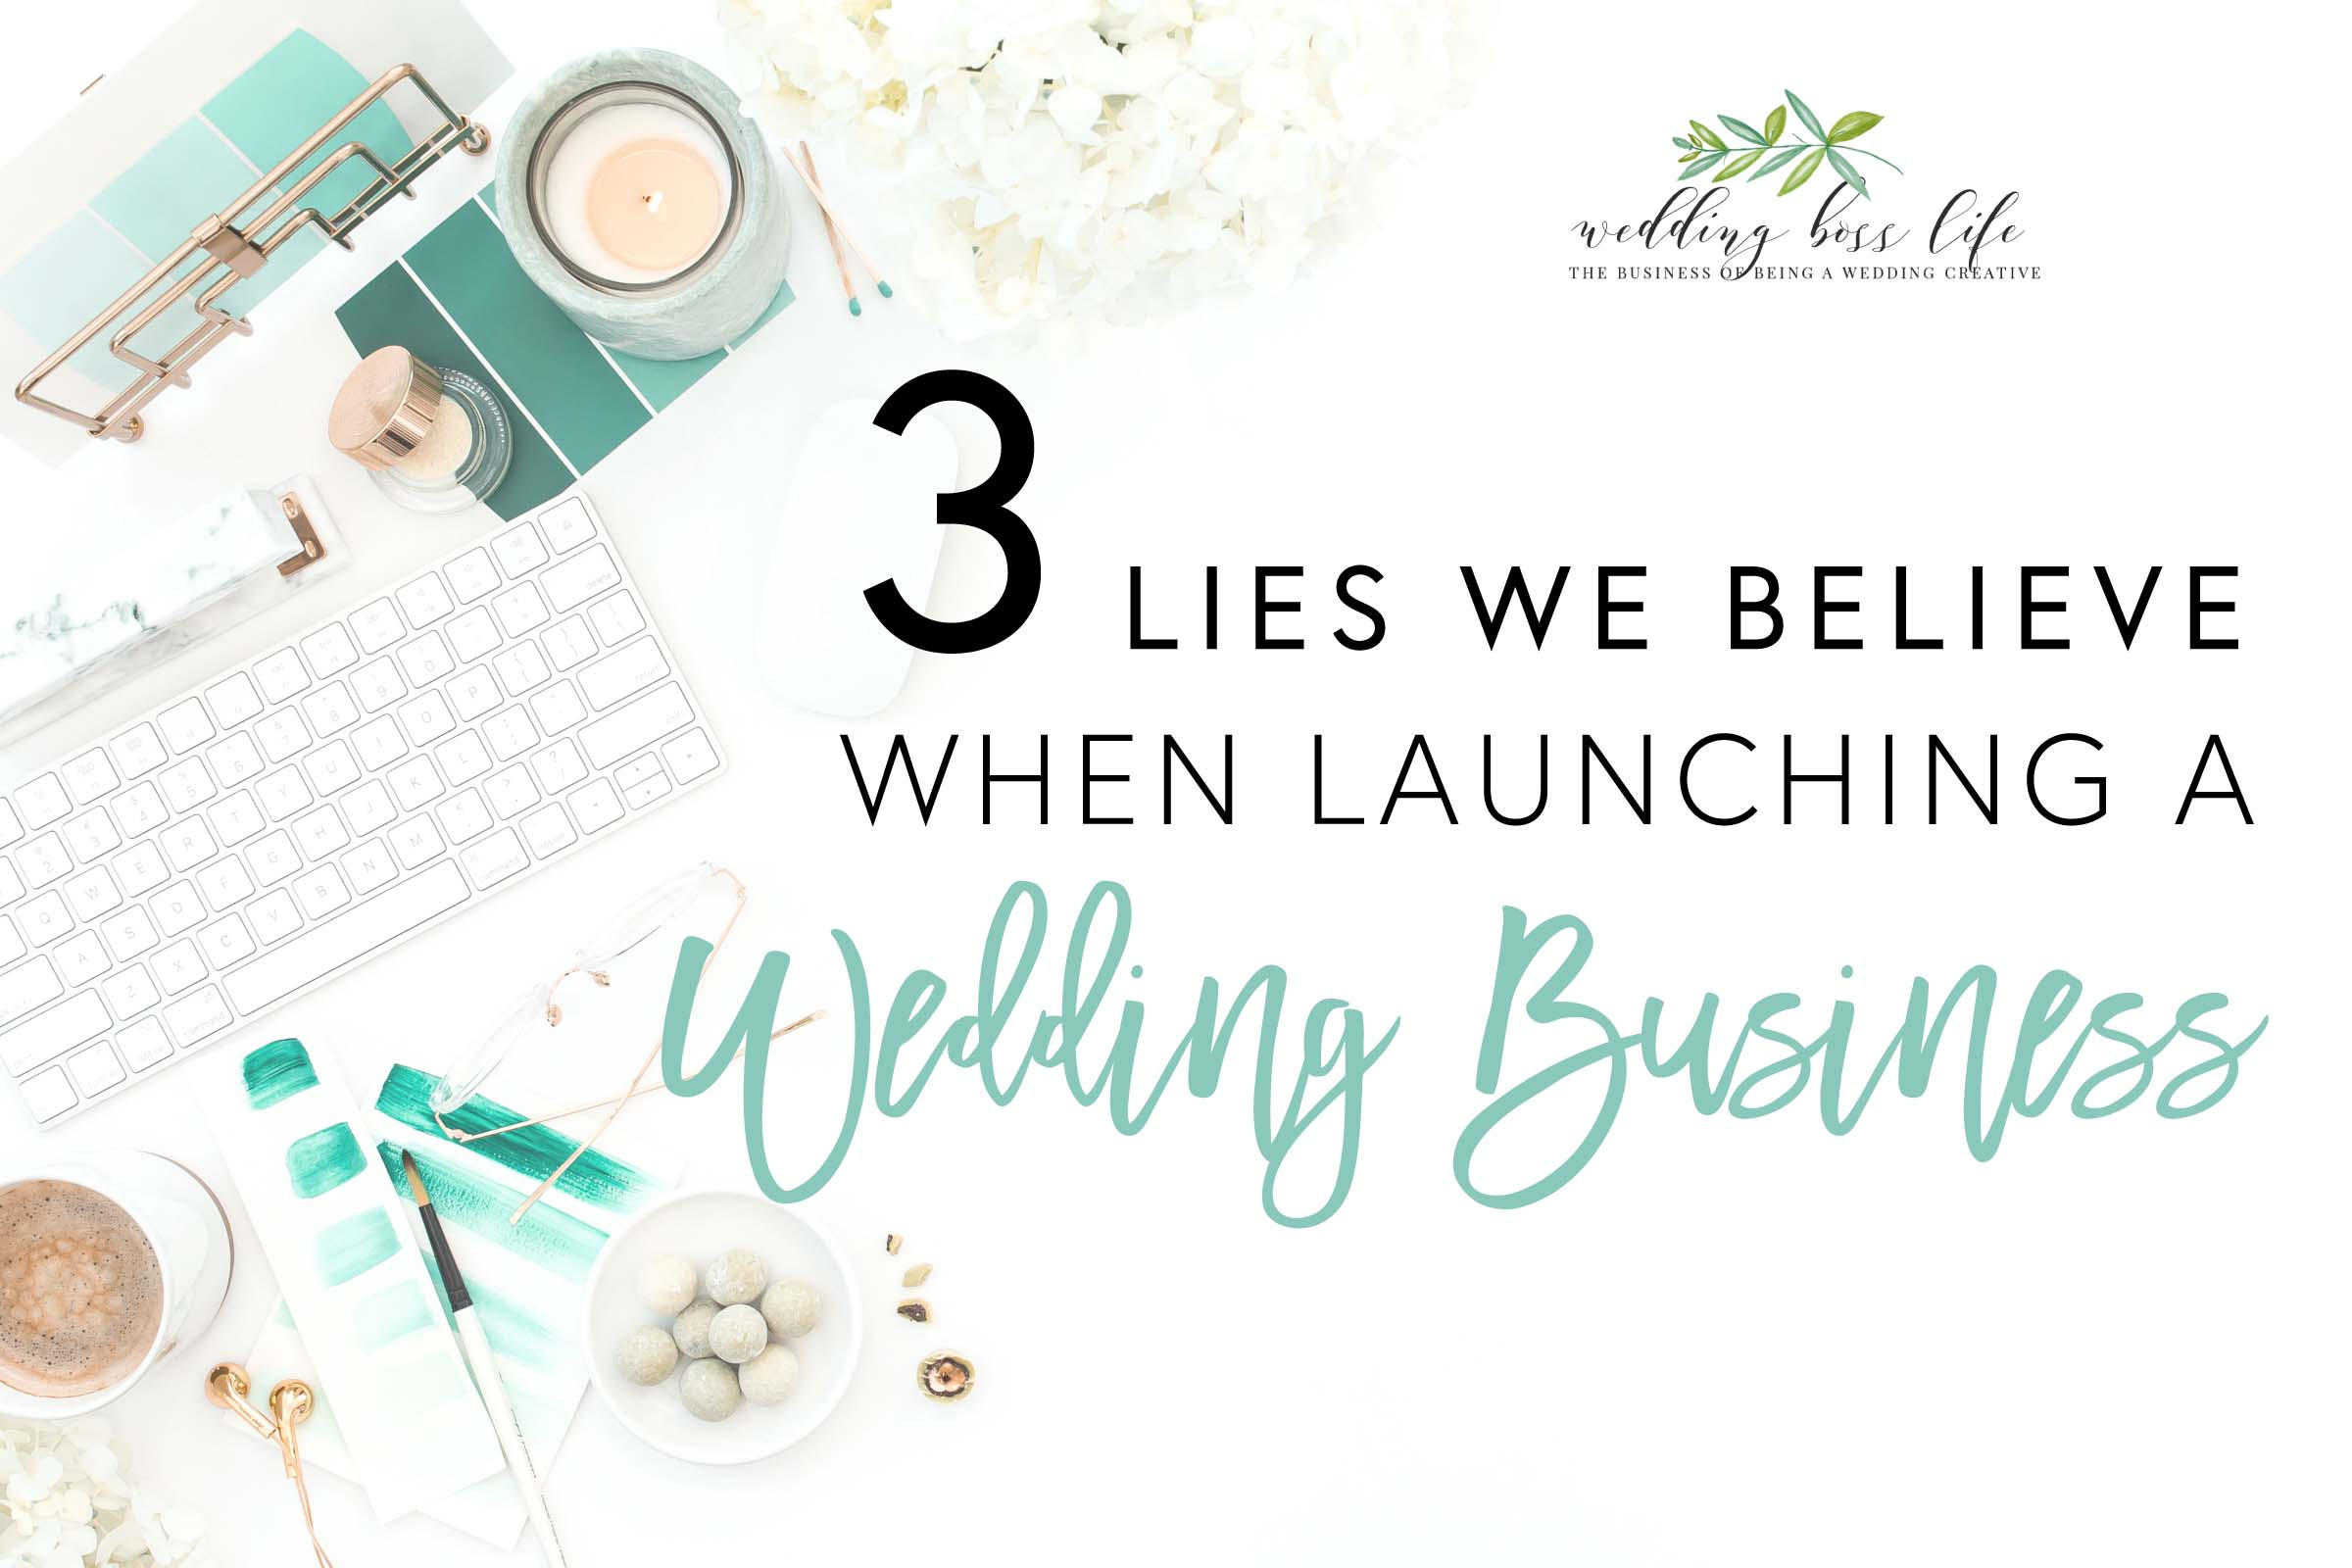 3 Big Fat Lies We Believe in Business